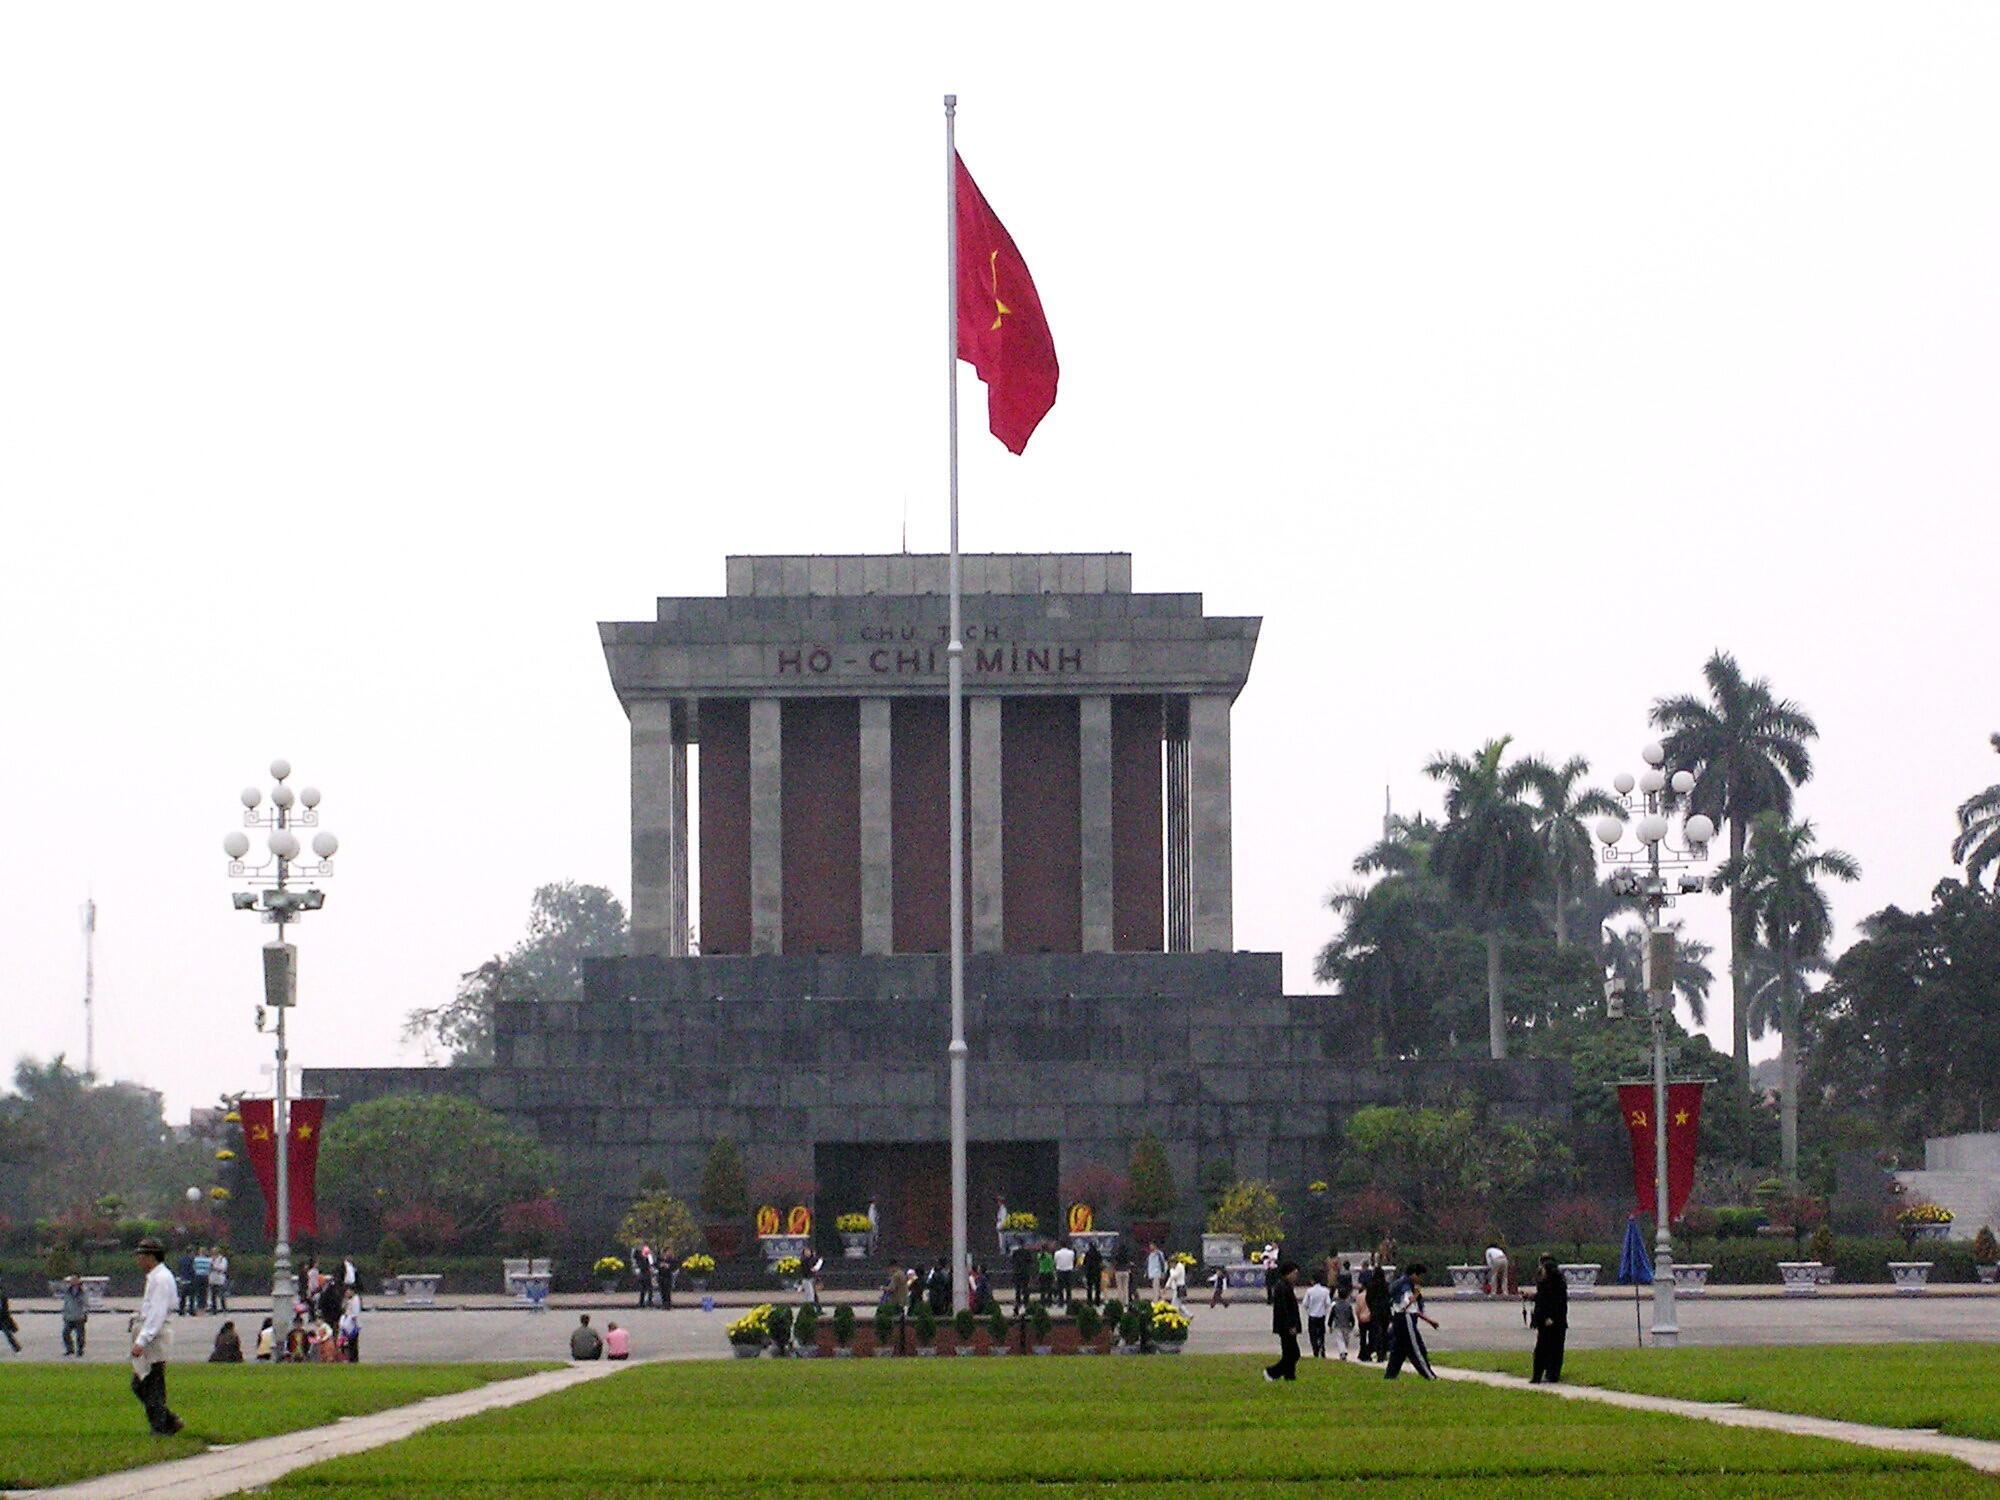 Lăng Hồ Chi Minh tại Hanoï. Ảnh chụp năm 2006.